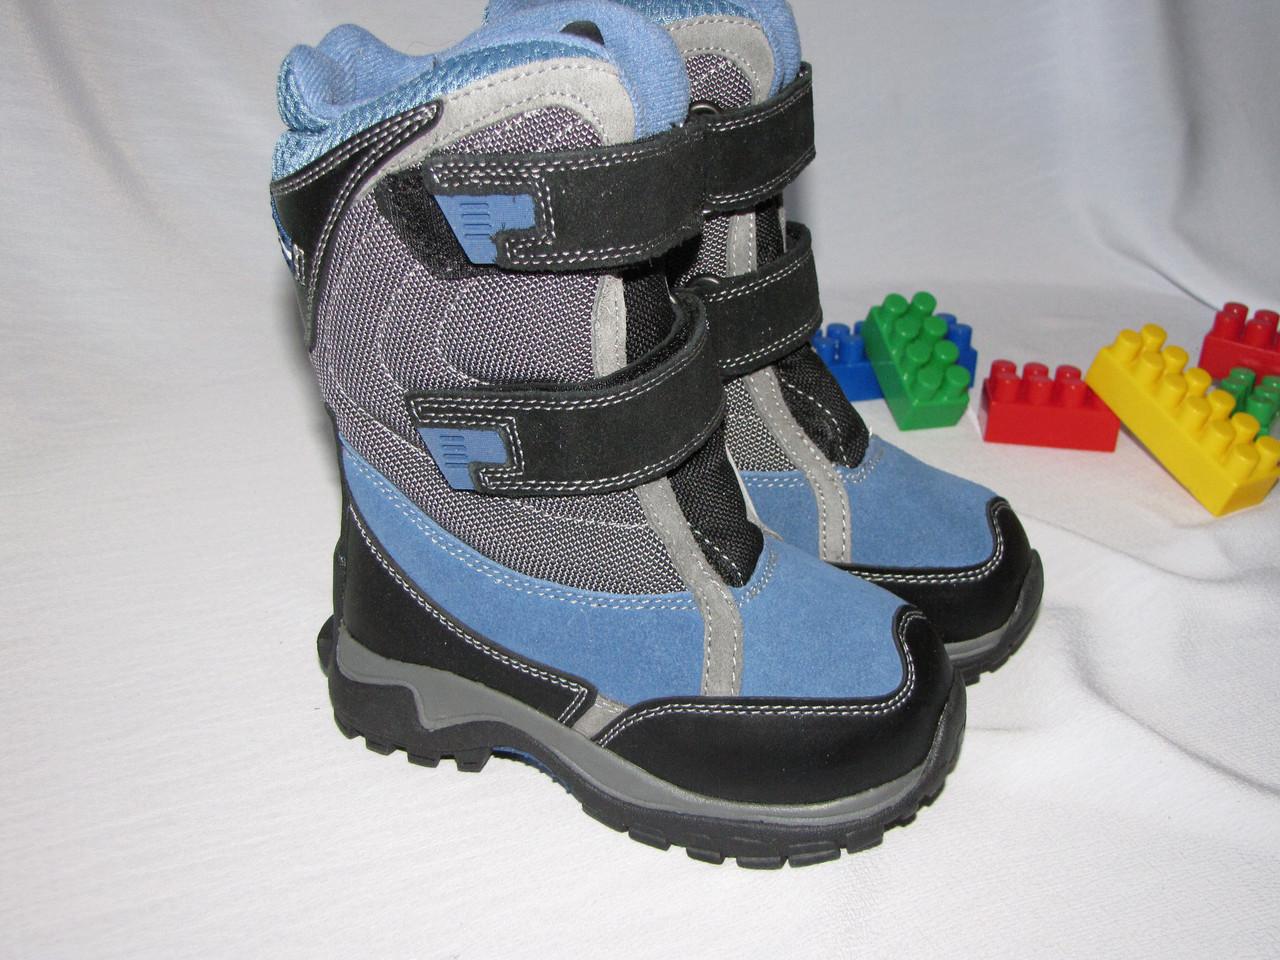 Сапоги для мальчика зимние Lands'End оригинал размер 27 серые+голубые 08014